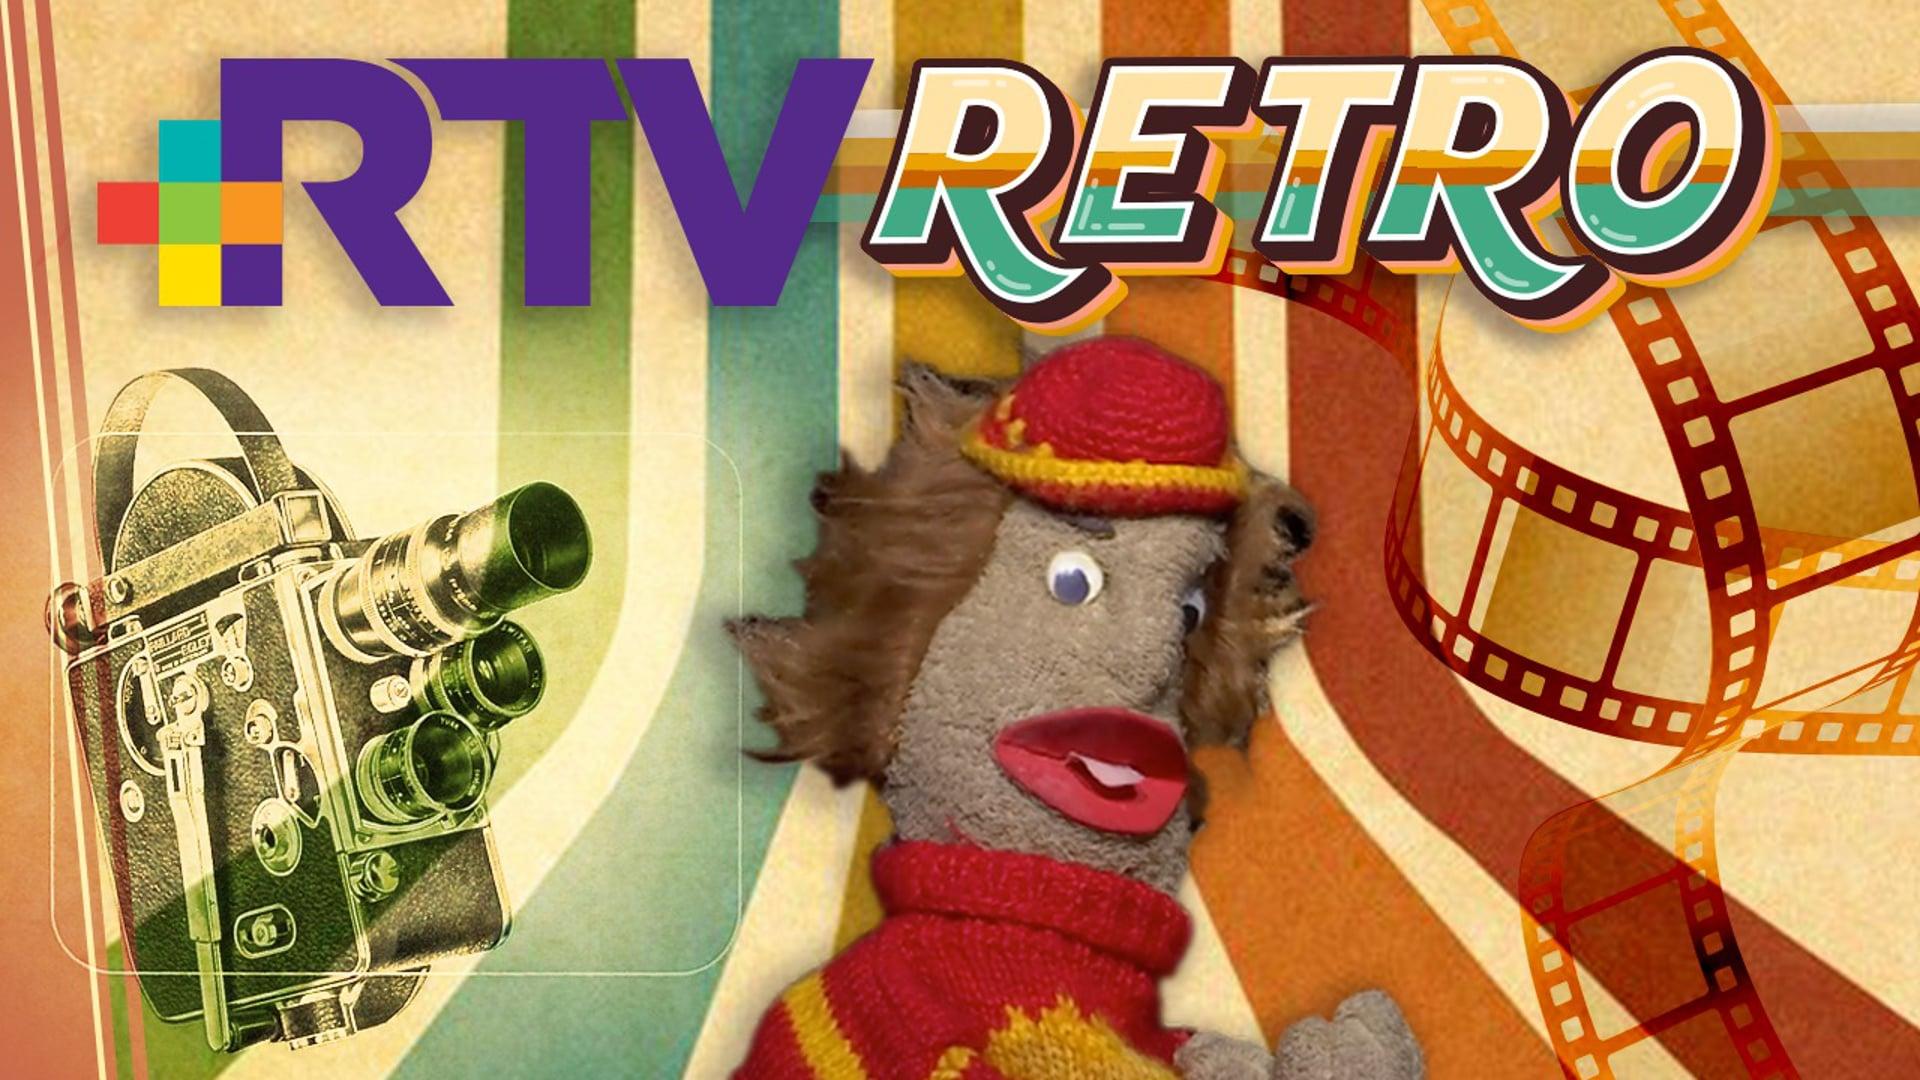 RTV Retro